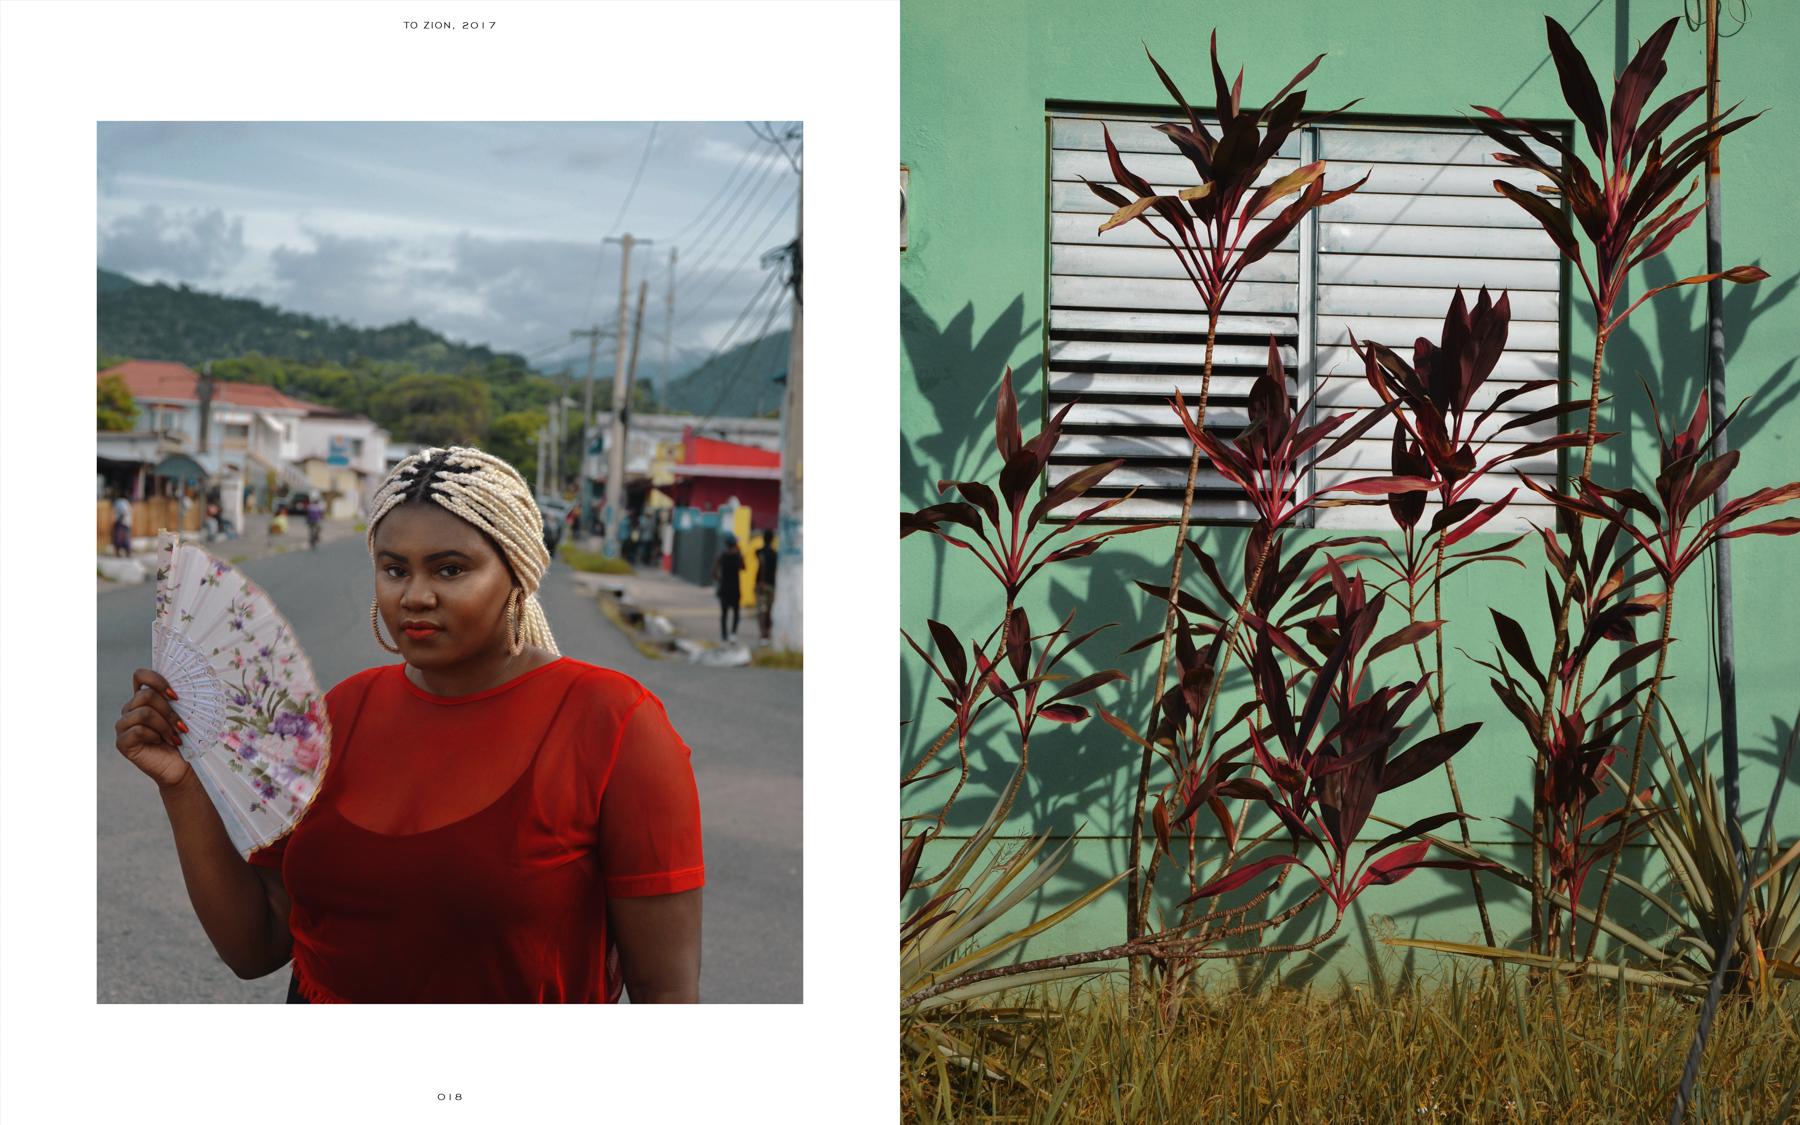 Alek-szmytko-jamaica-9.jpg